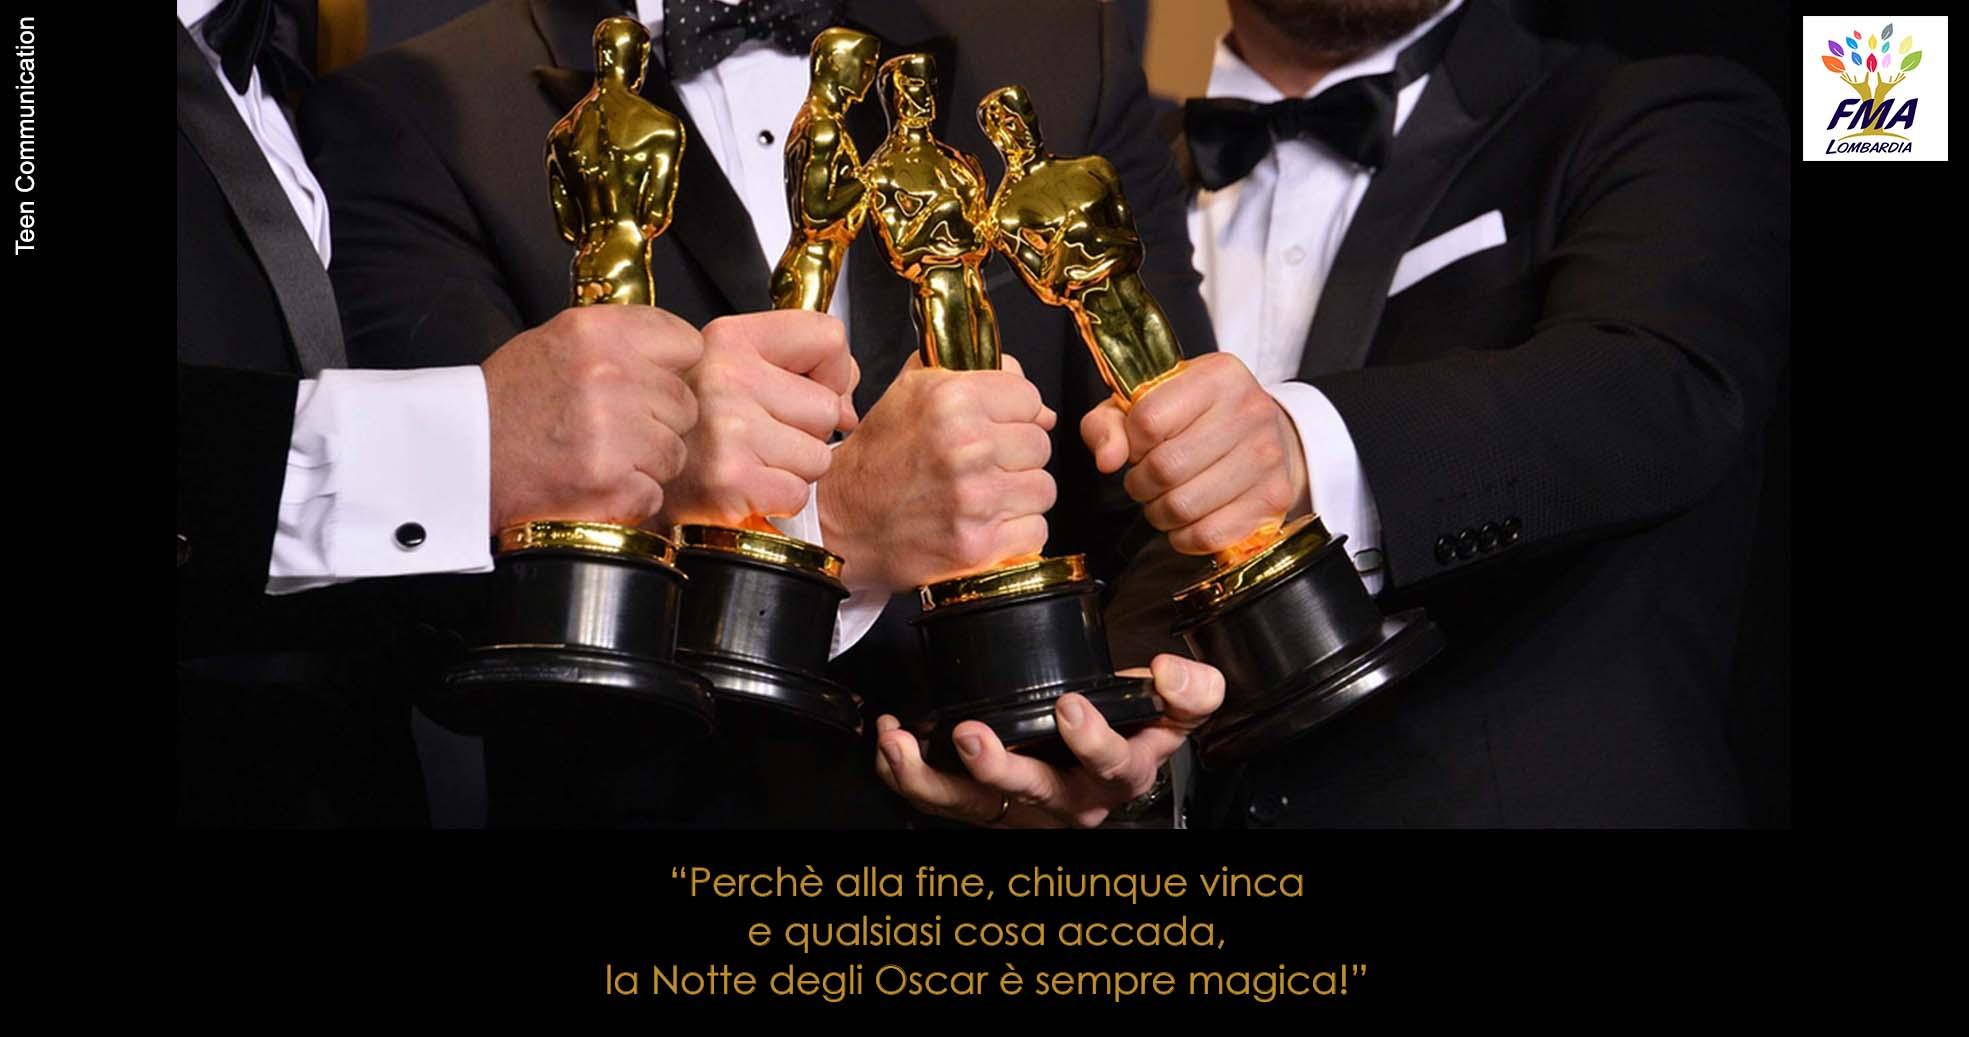 91° Oscars